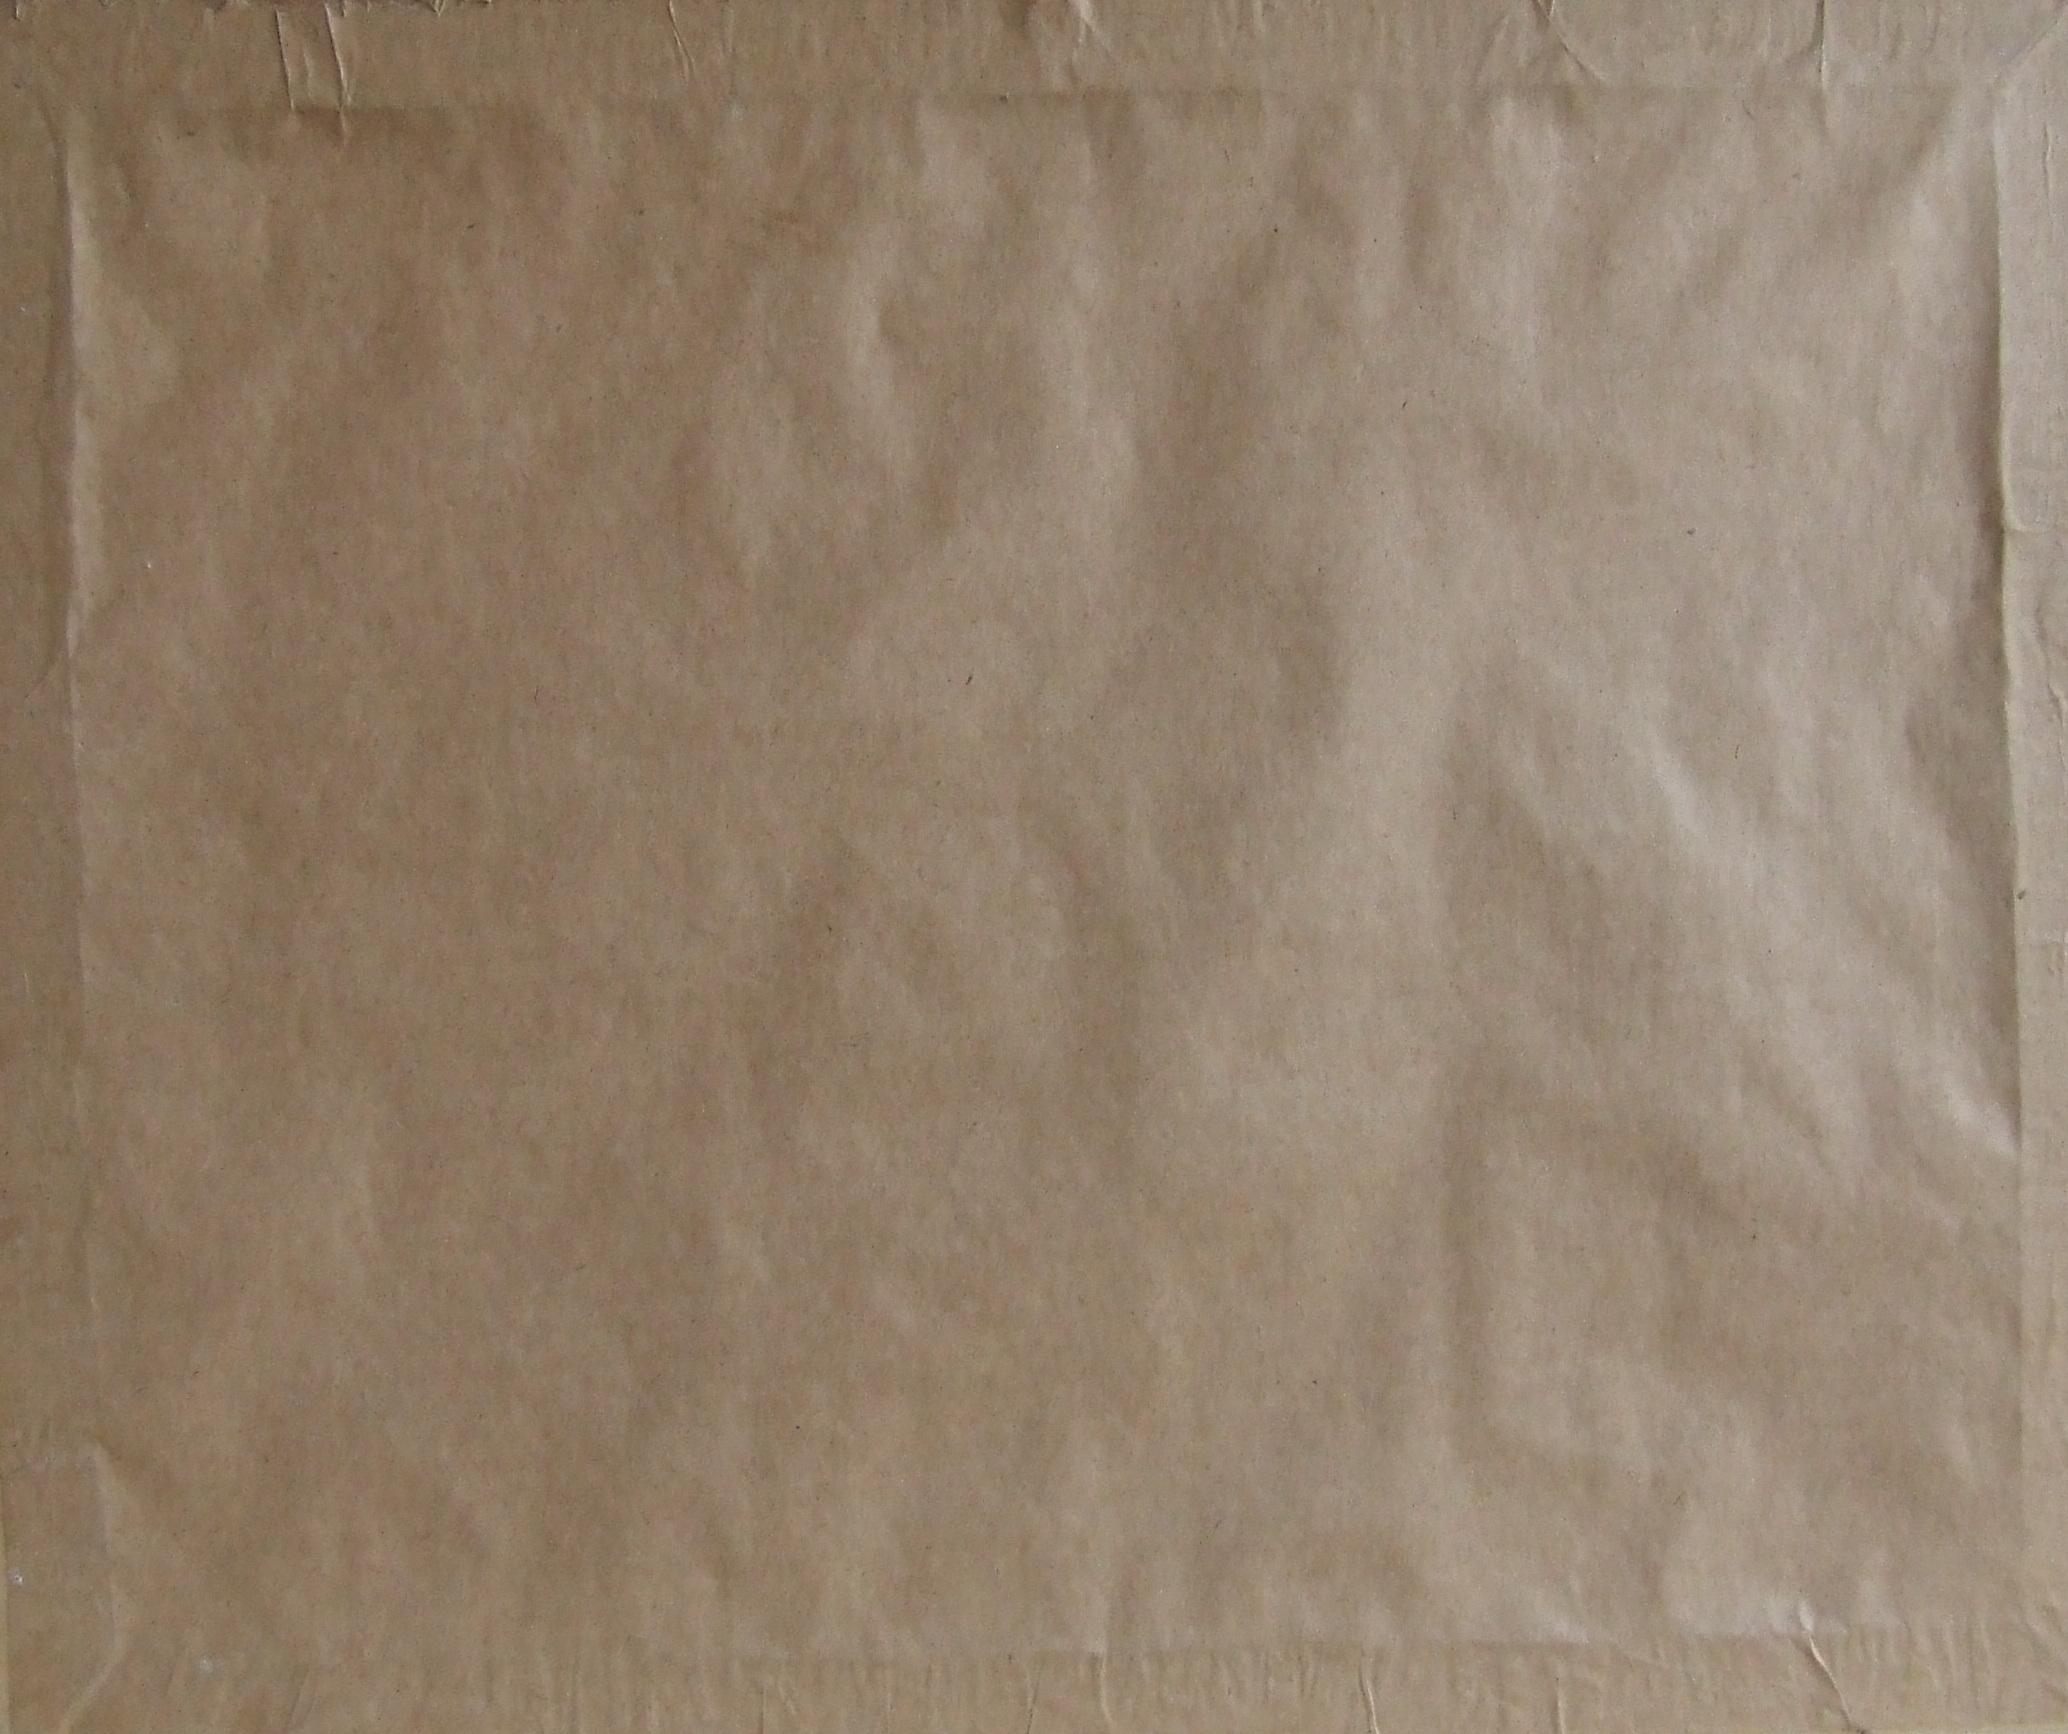 Пейзаж 50-40 см., картон, масло 1984 год  - 2